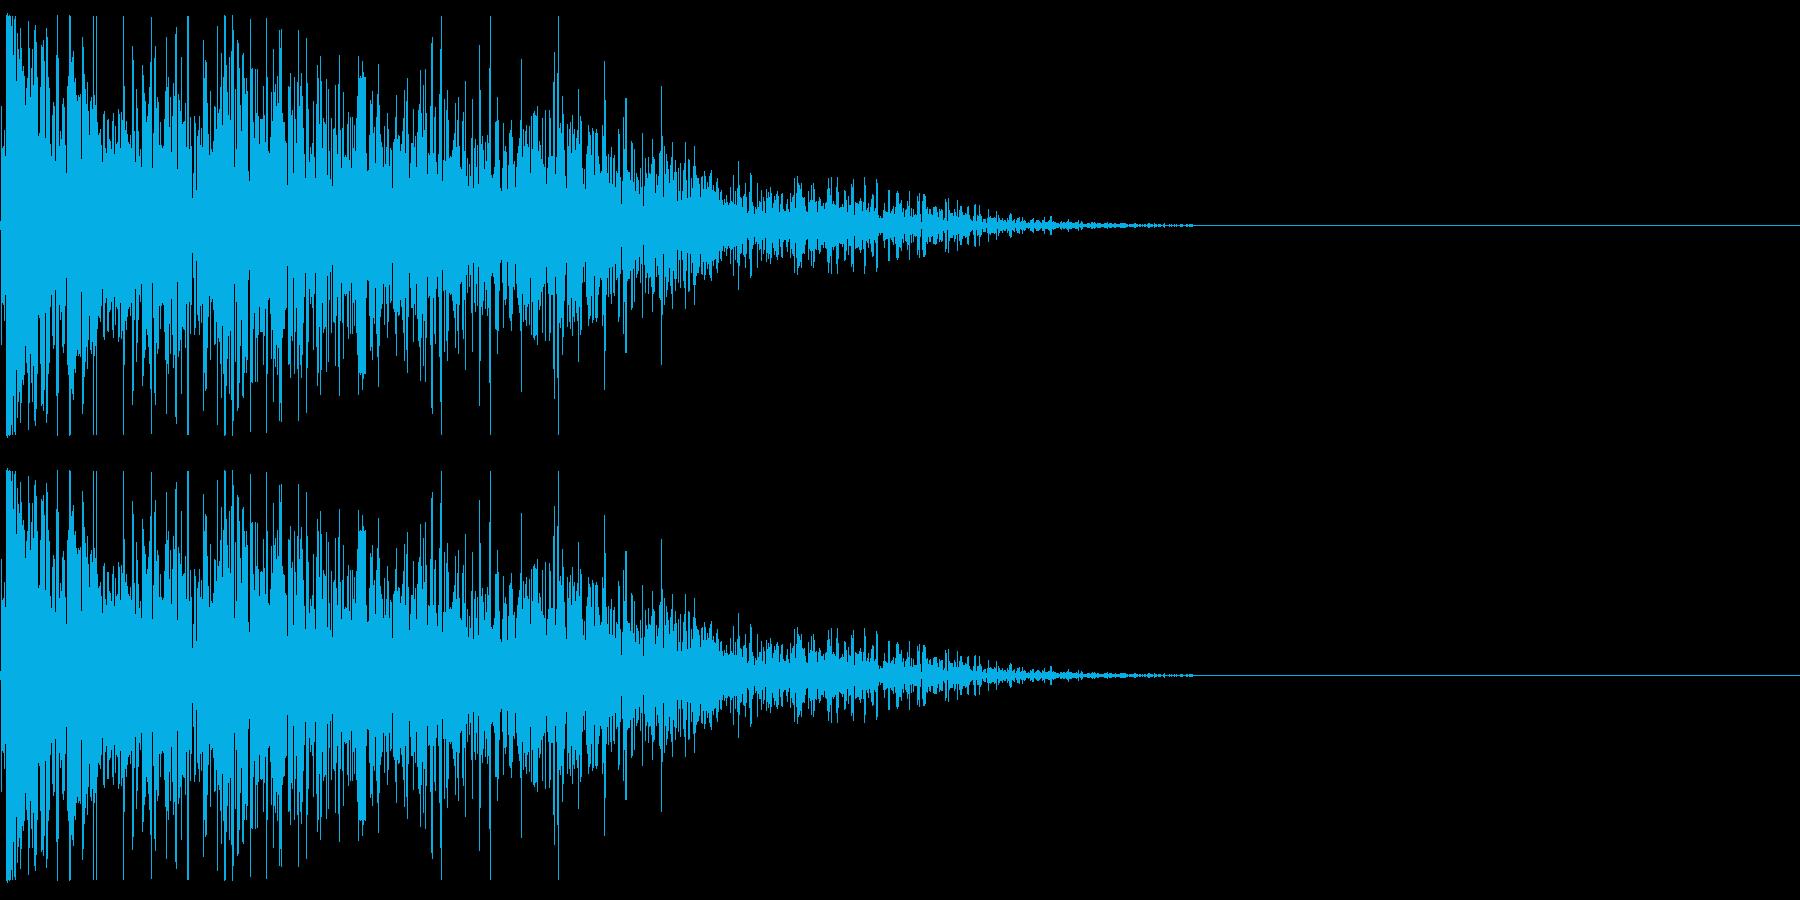 キャラクタが倒れる02(重い系)の再生済みの波形